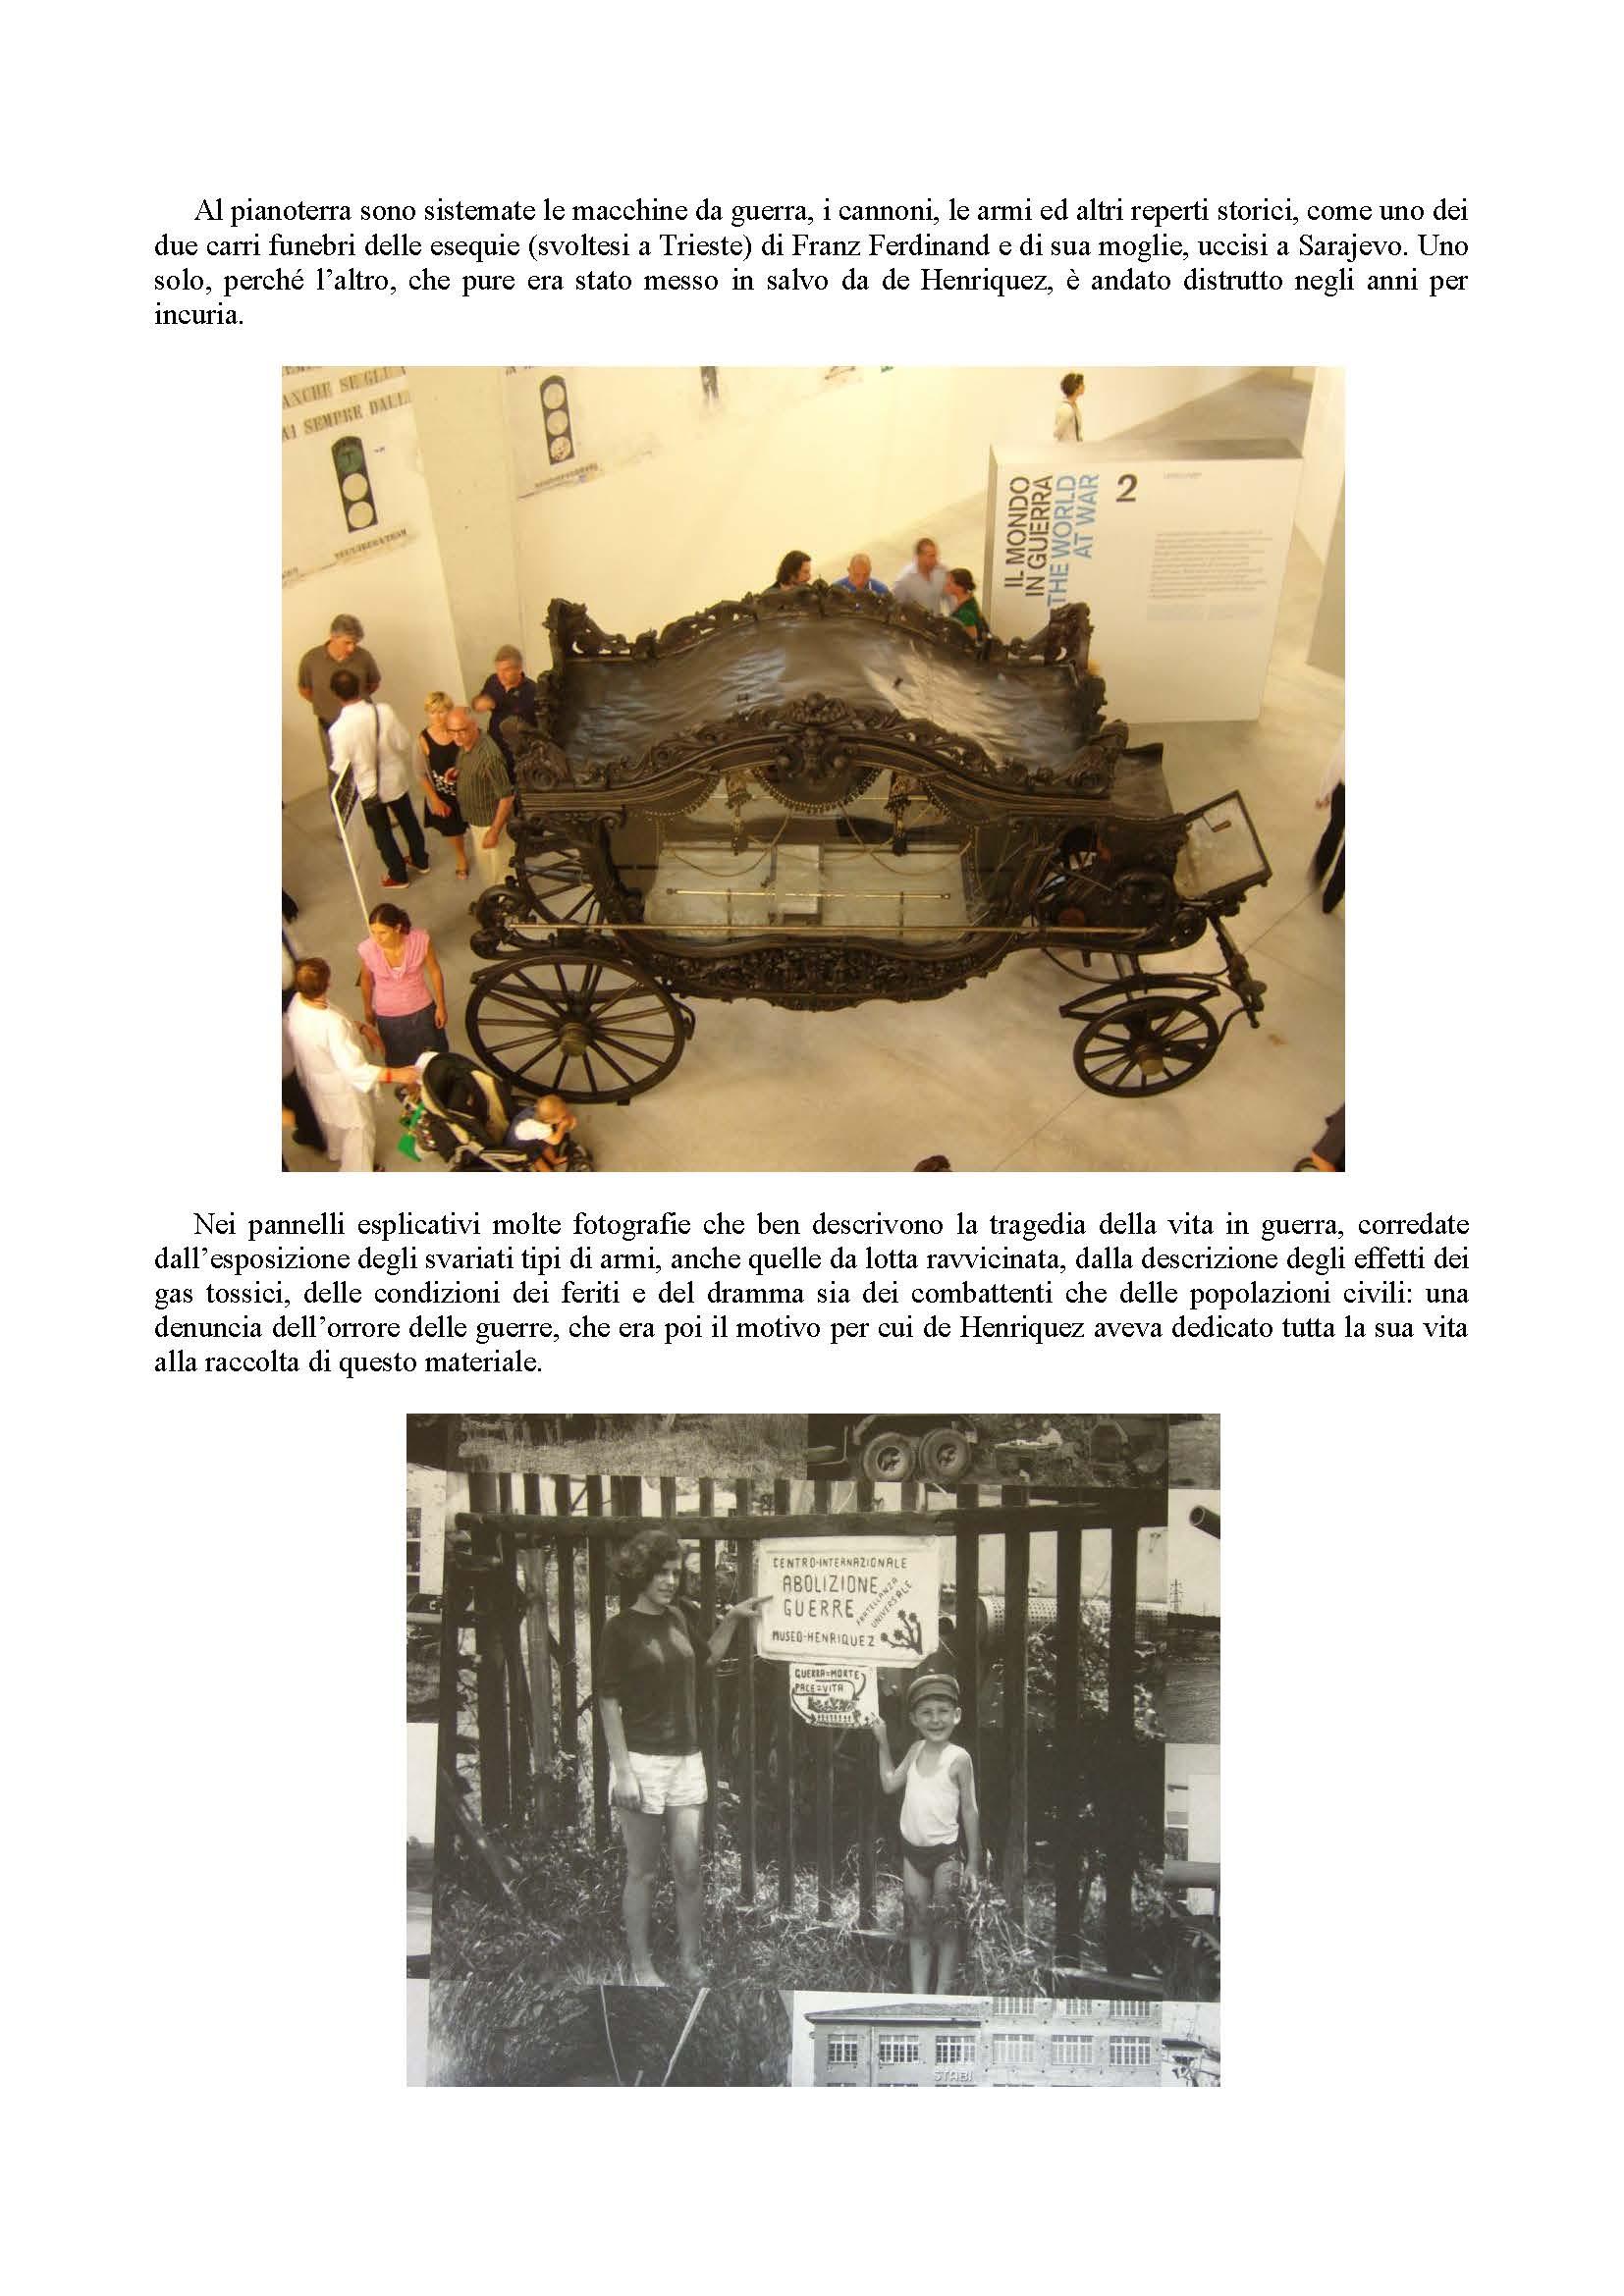 IL-MUSEO-DI-GUERRA-PER-LA-PACE-CON-IL-MATERIALE-DI-DIEGO-DE-HENRIQUEZ1_Page_2